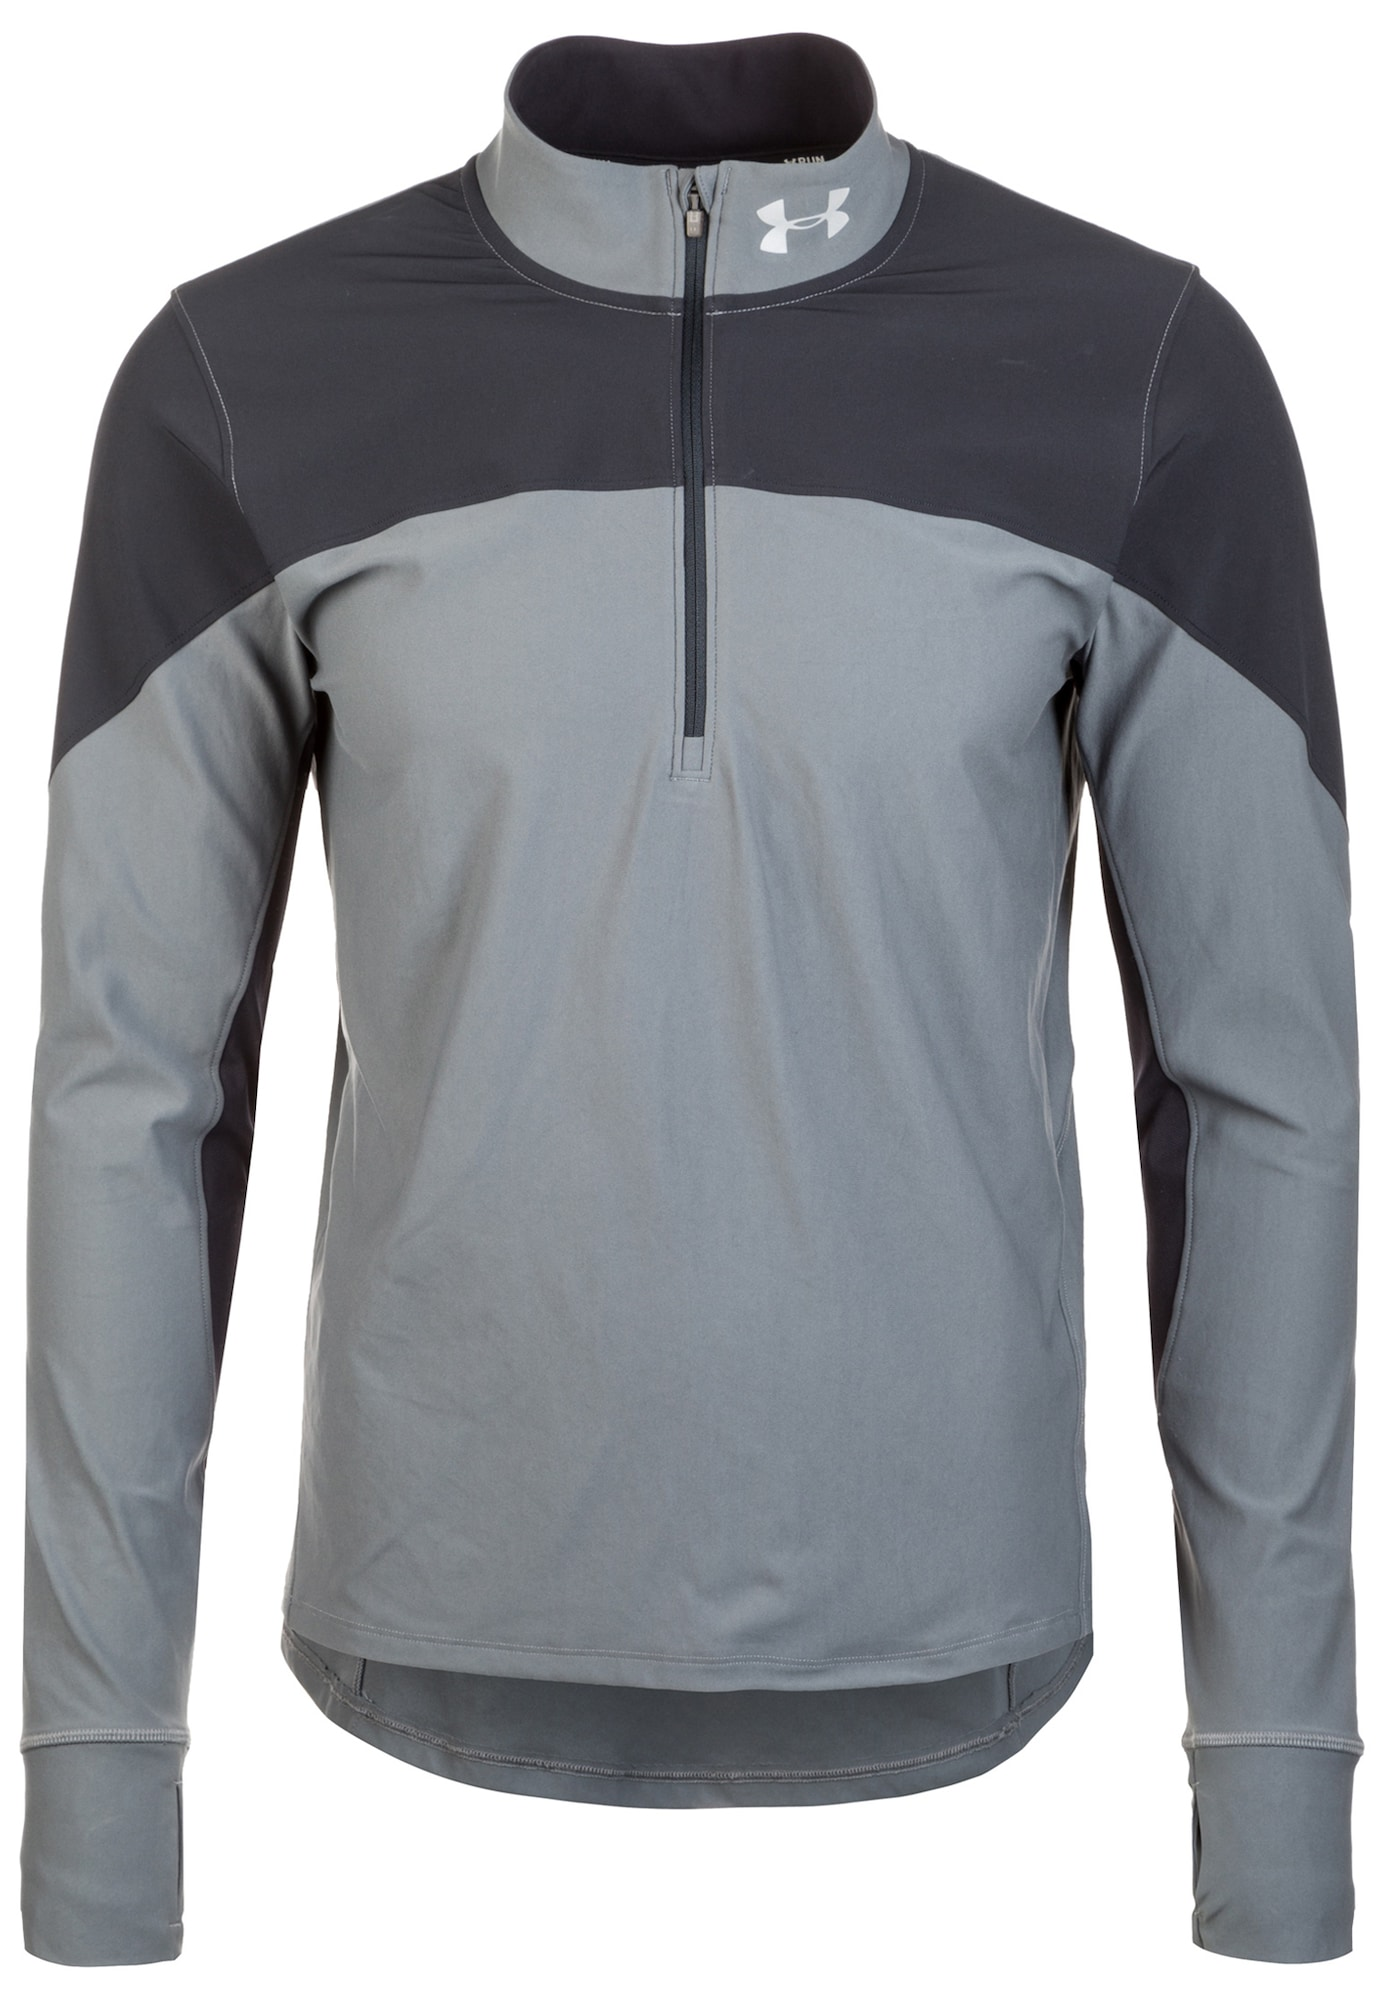 Laufshirt  'Qualifier'   Sportbekleidung > Sportshirts > Laufshirts   Under Armour